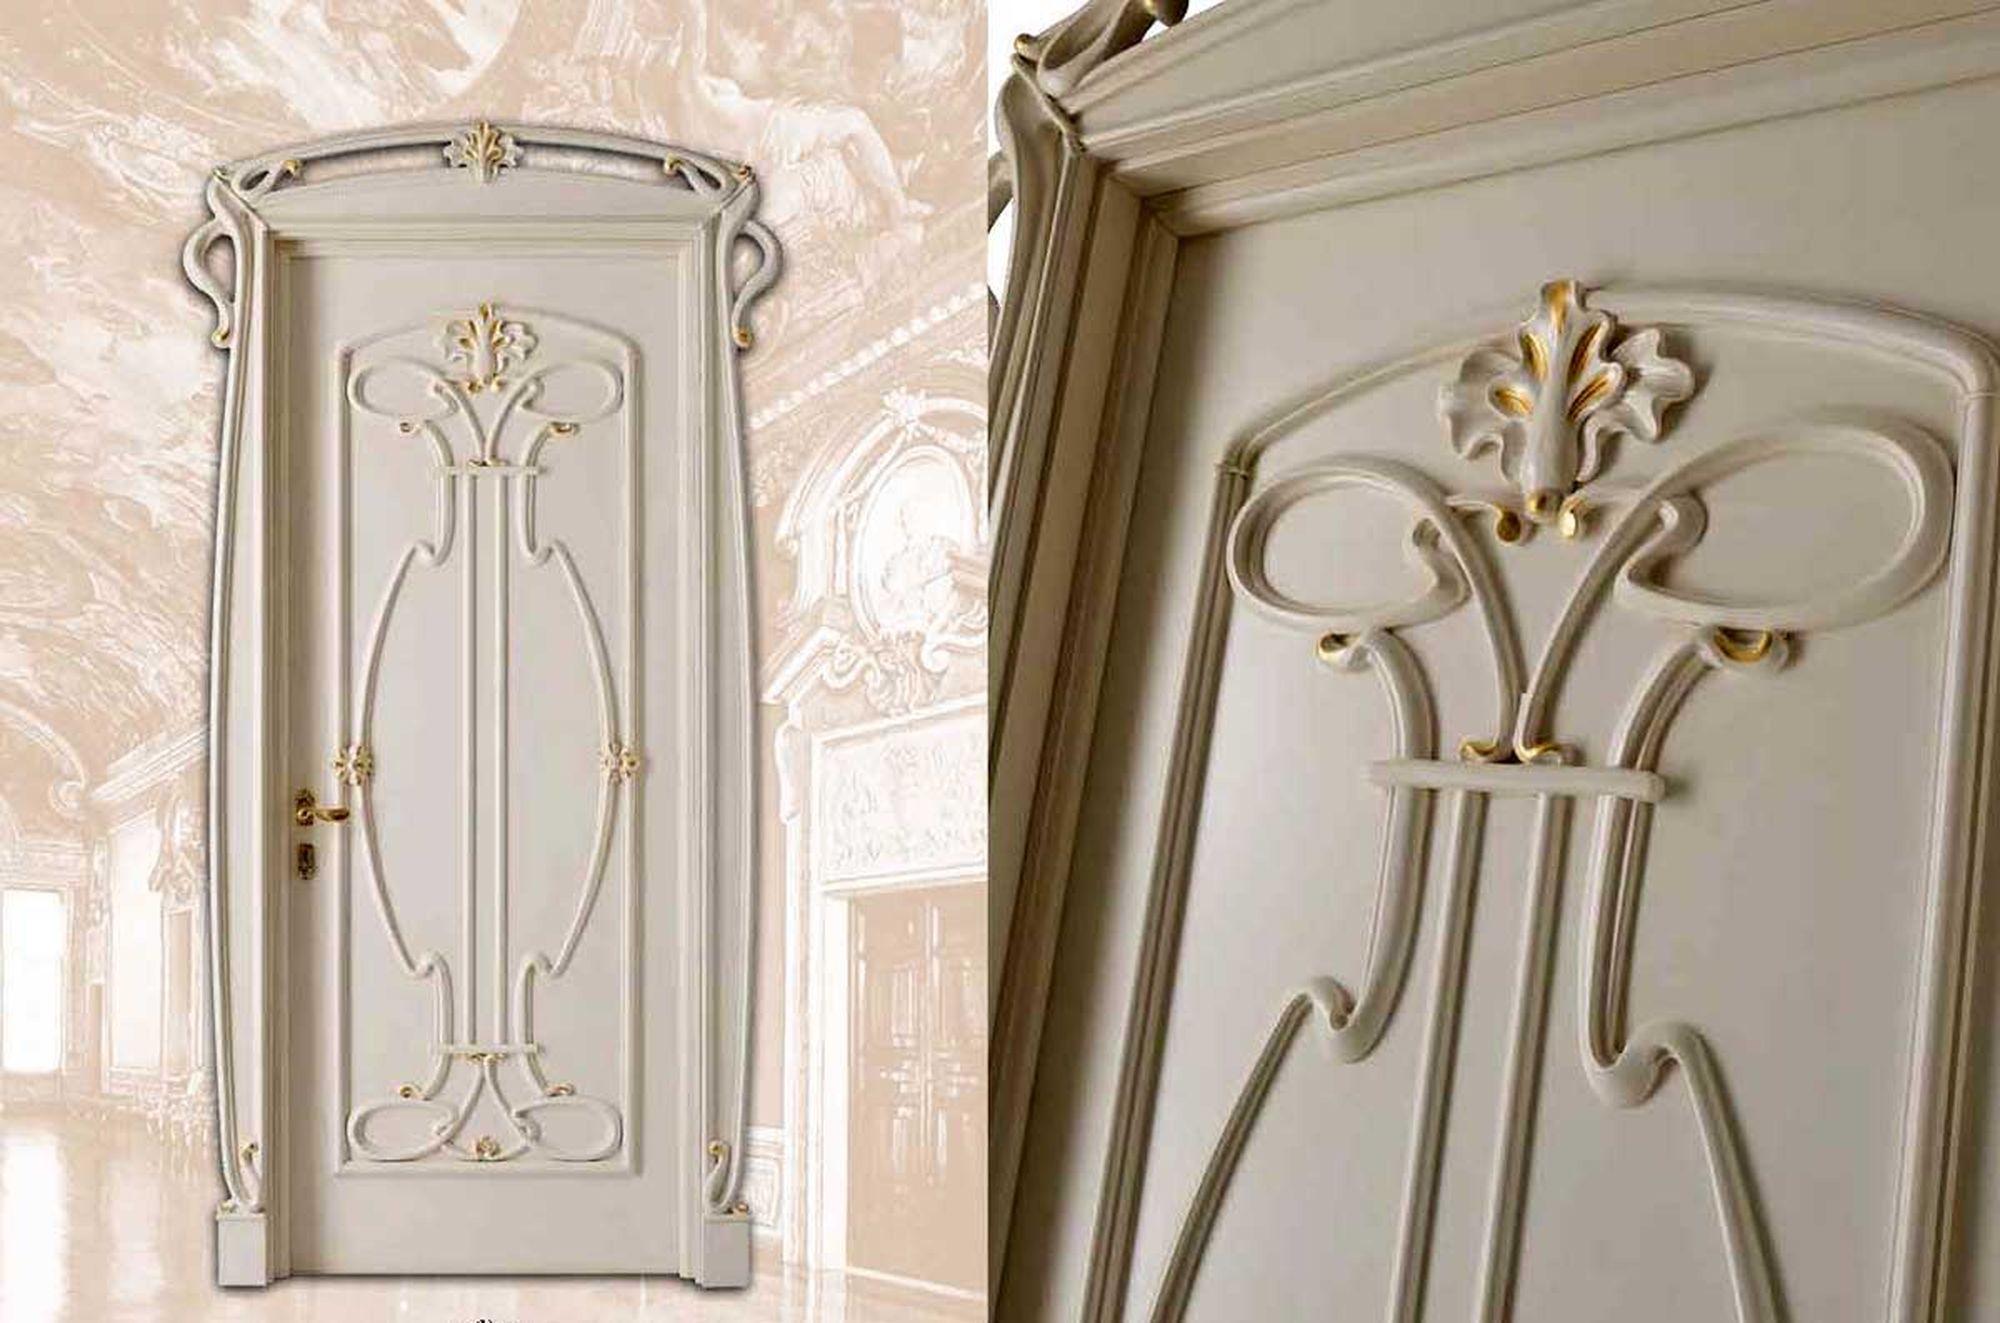 итальянские межкомнатные двери купить элитные межкомнатные двери